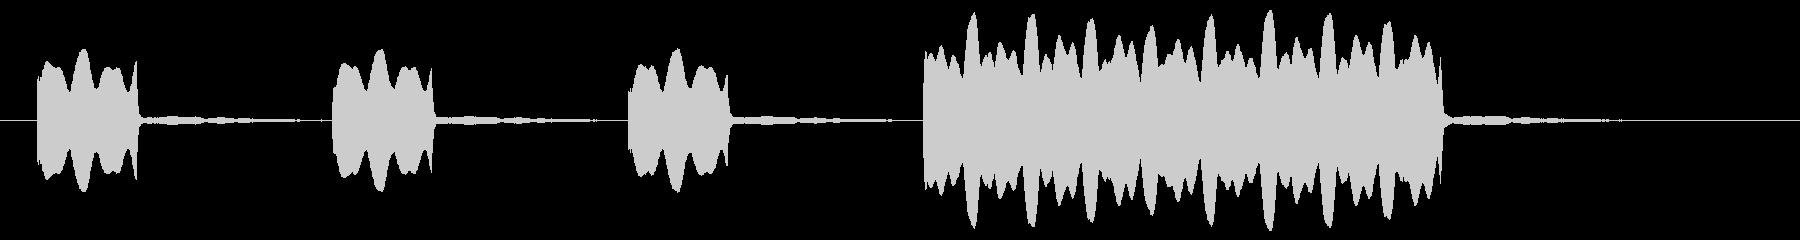 レーススタート音、クイズ出題の未再生の波形